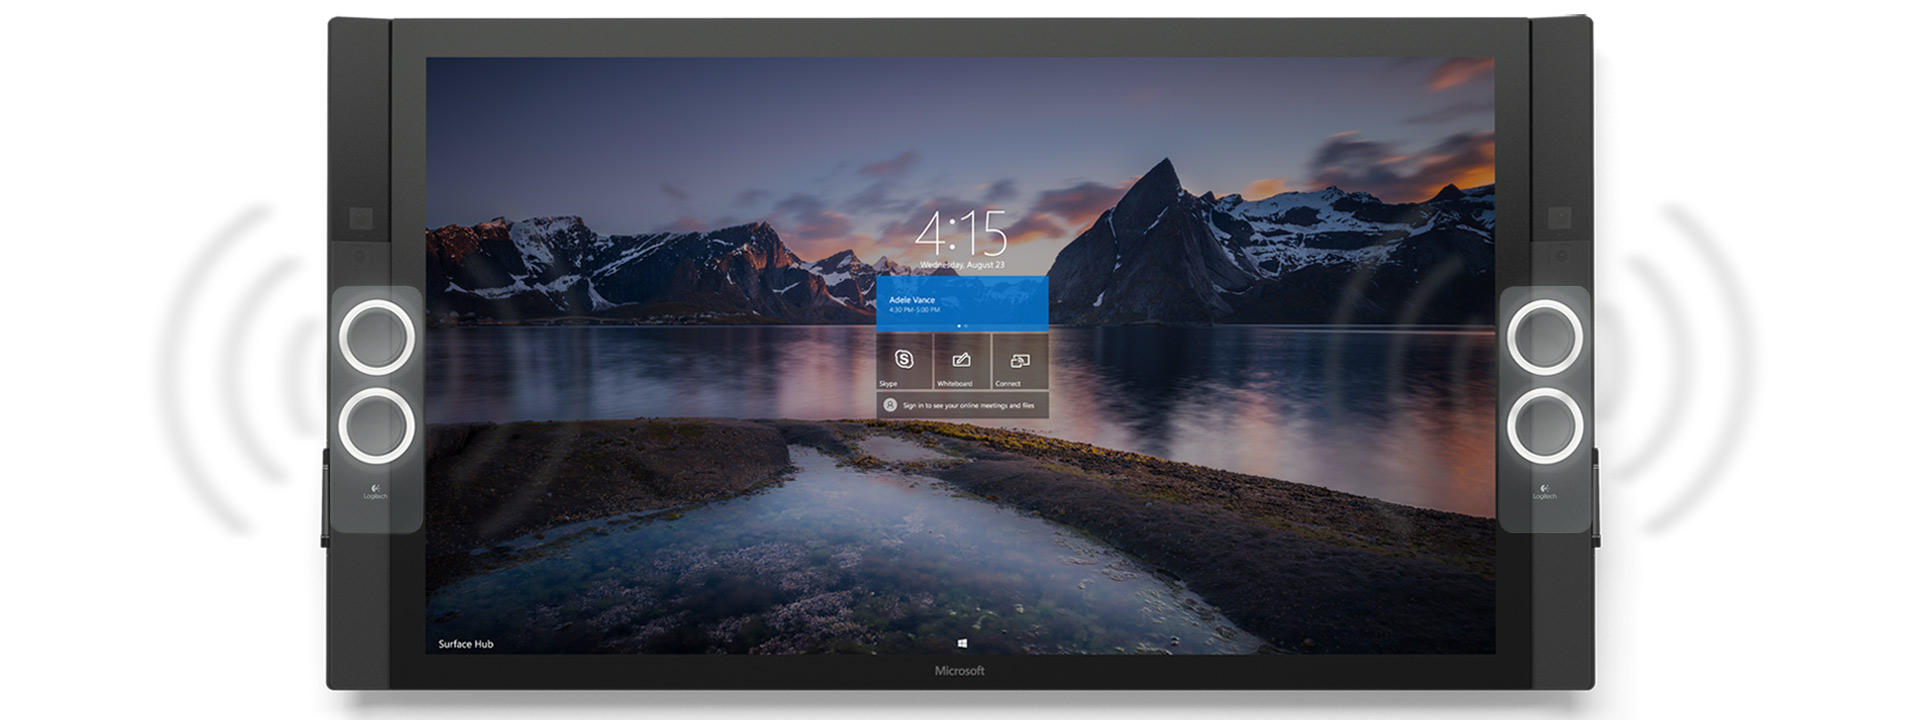 Vy framifrån av Surface Hub med startskärm med naturtema, med illustrationer som visar högtalarna vibrerande av ljud.